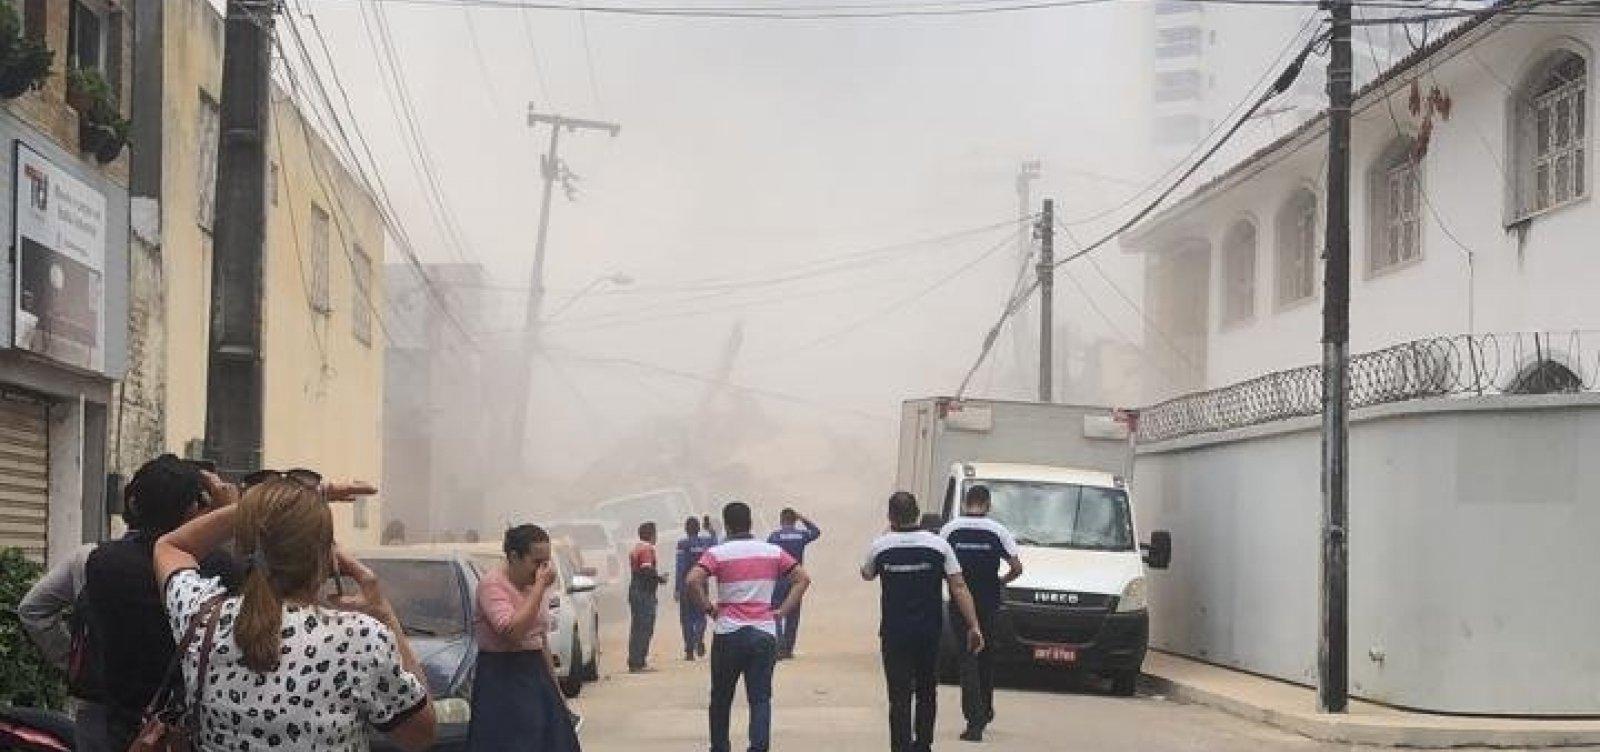 Desabamento de prédio deixa ao menos um morto e três feridos em Fortaleza